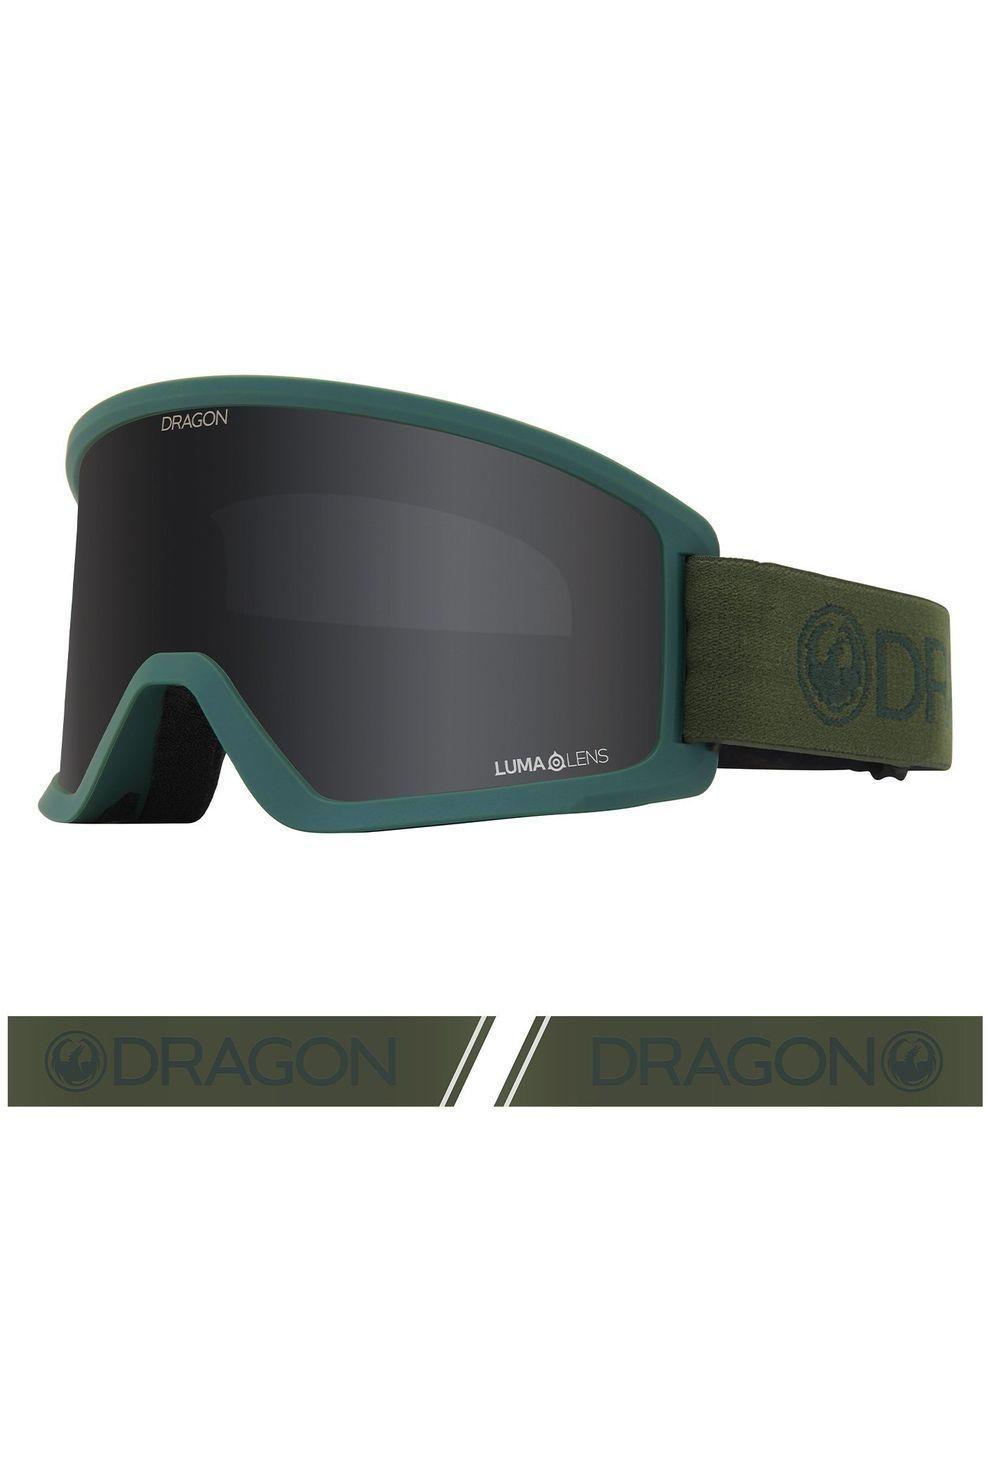 Dragon Skibril Dx3 voor heren Groen-Grijs